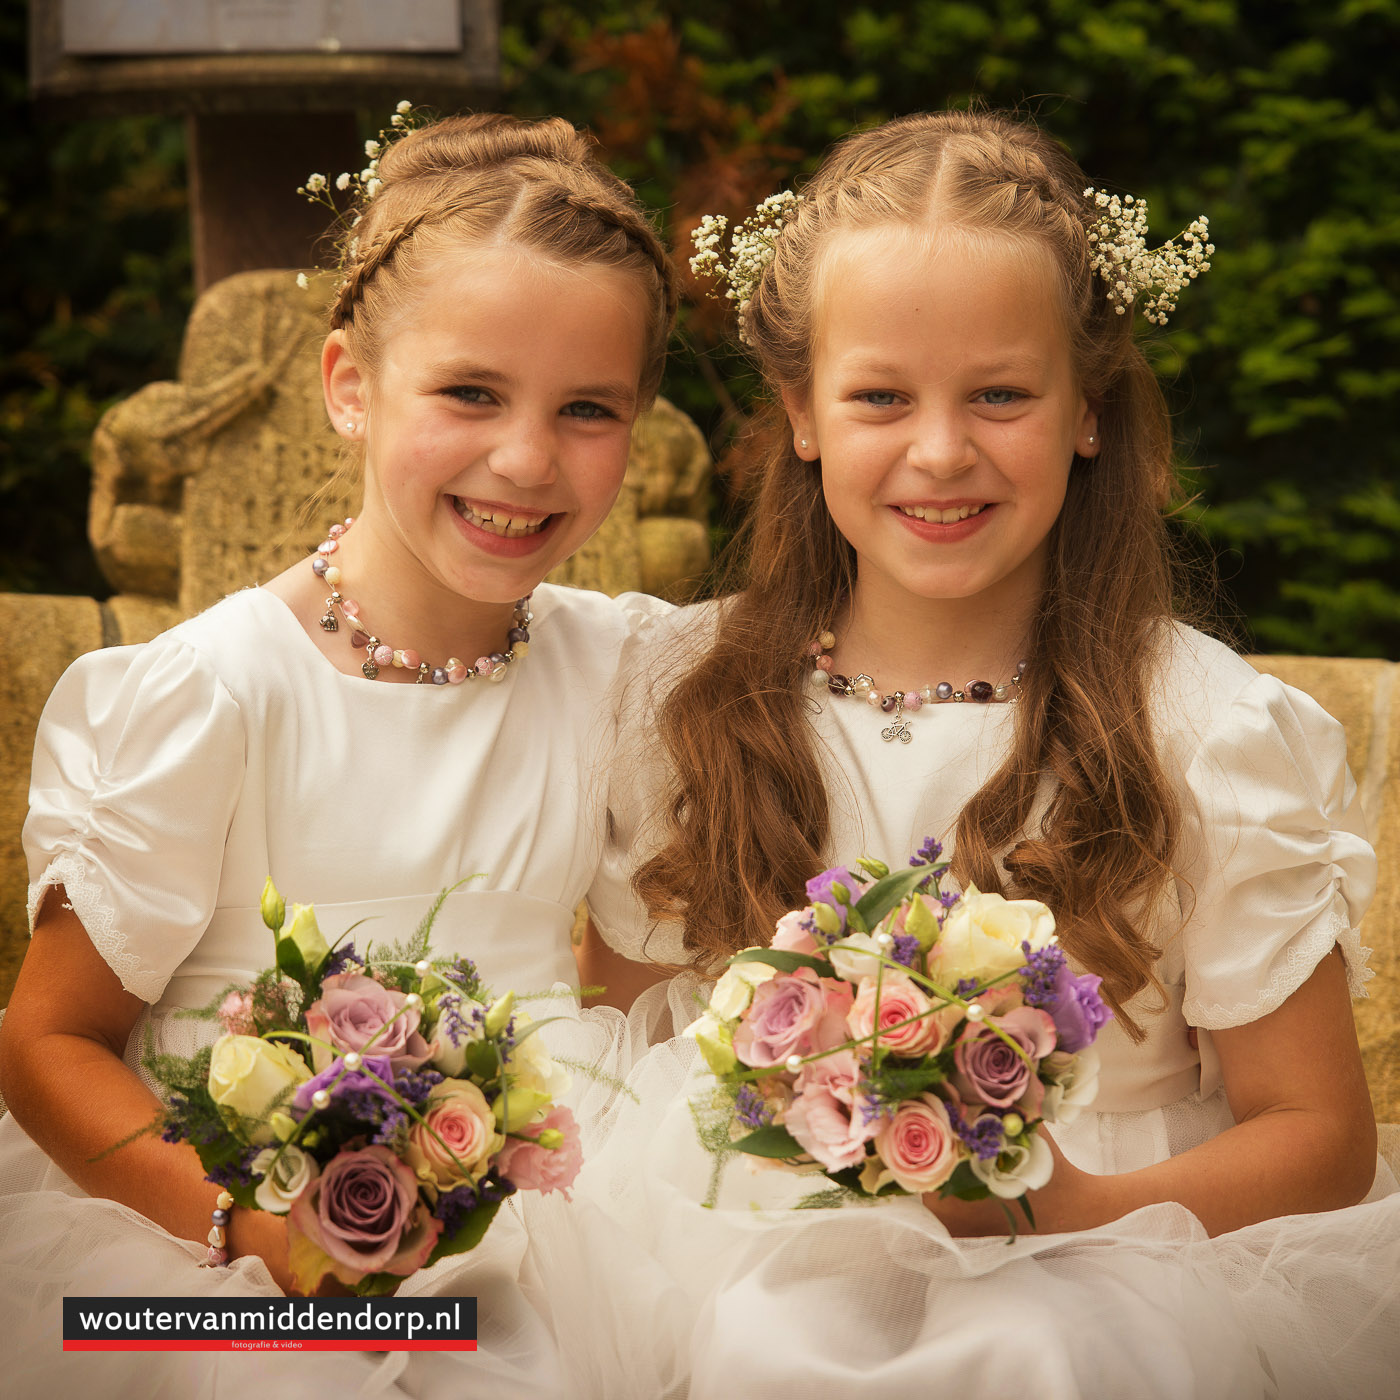 bruidsfotografie-wouter-van-middendorp-veenendaal-uddel-20